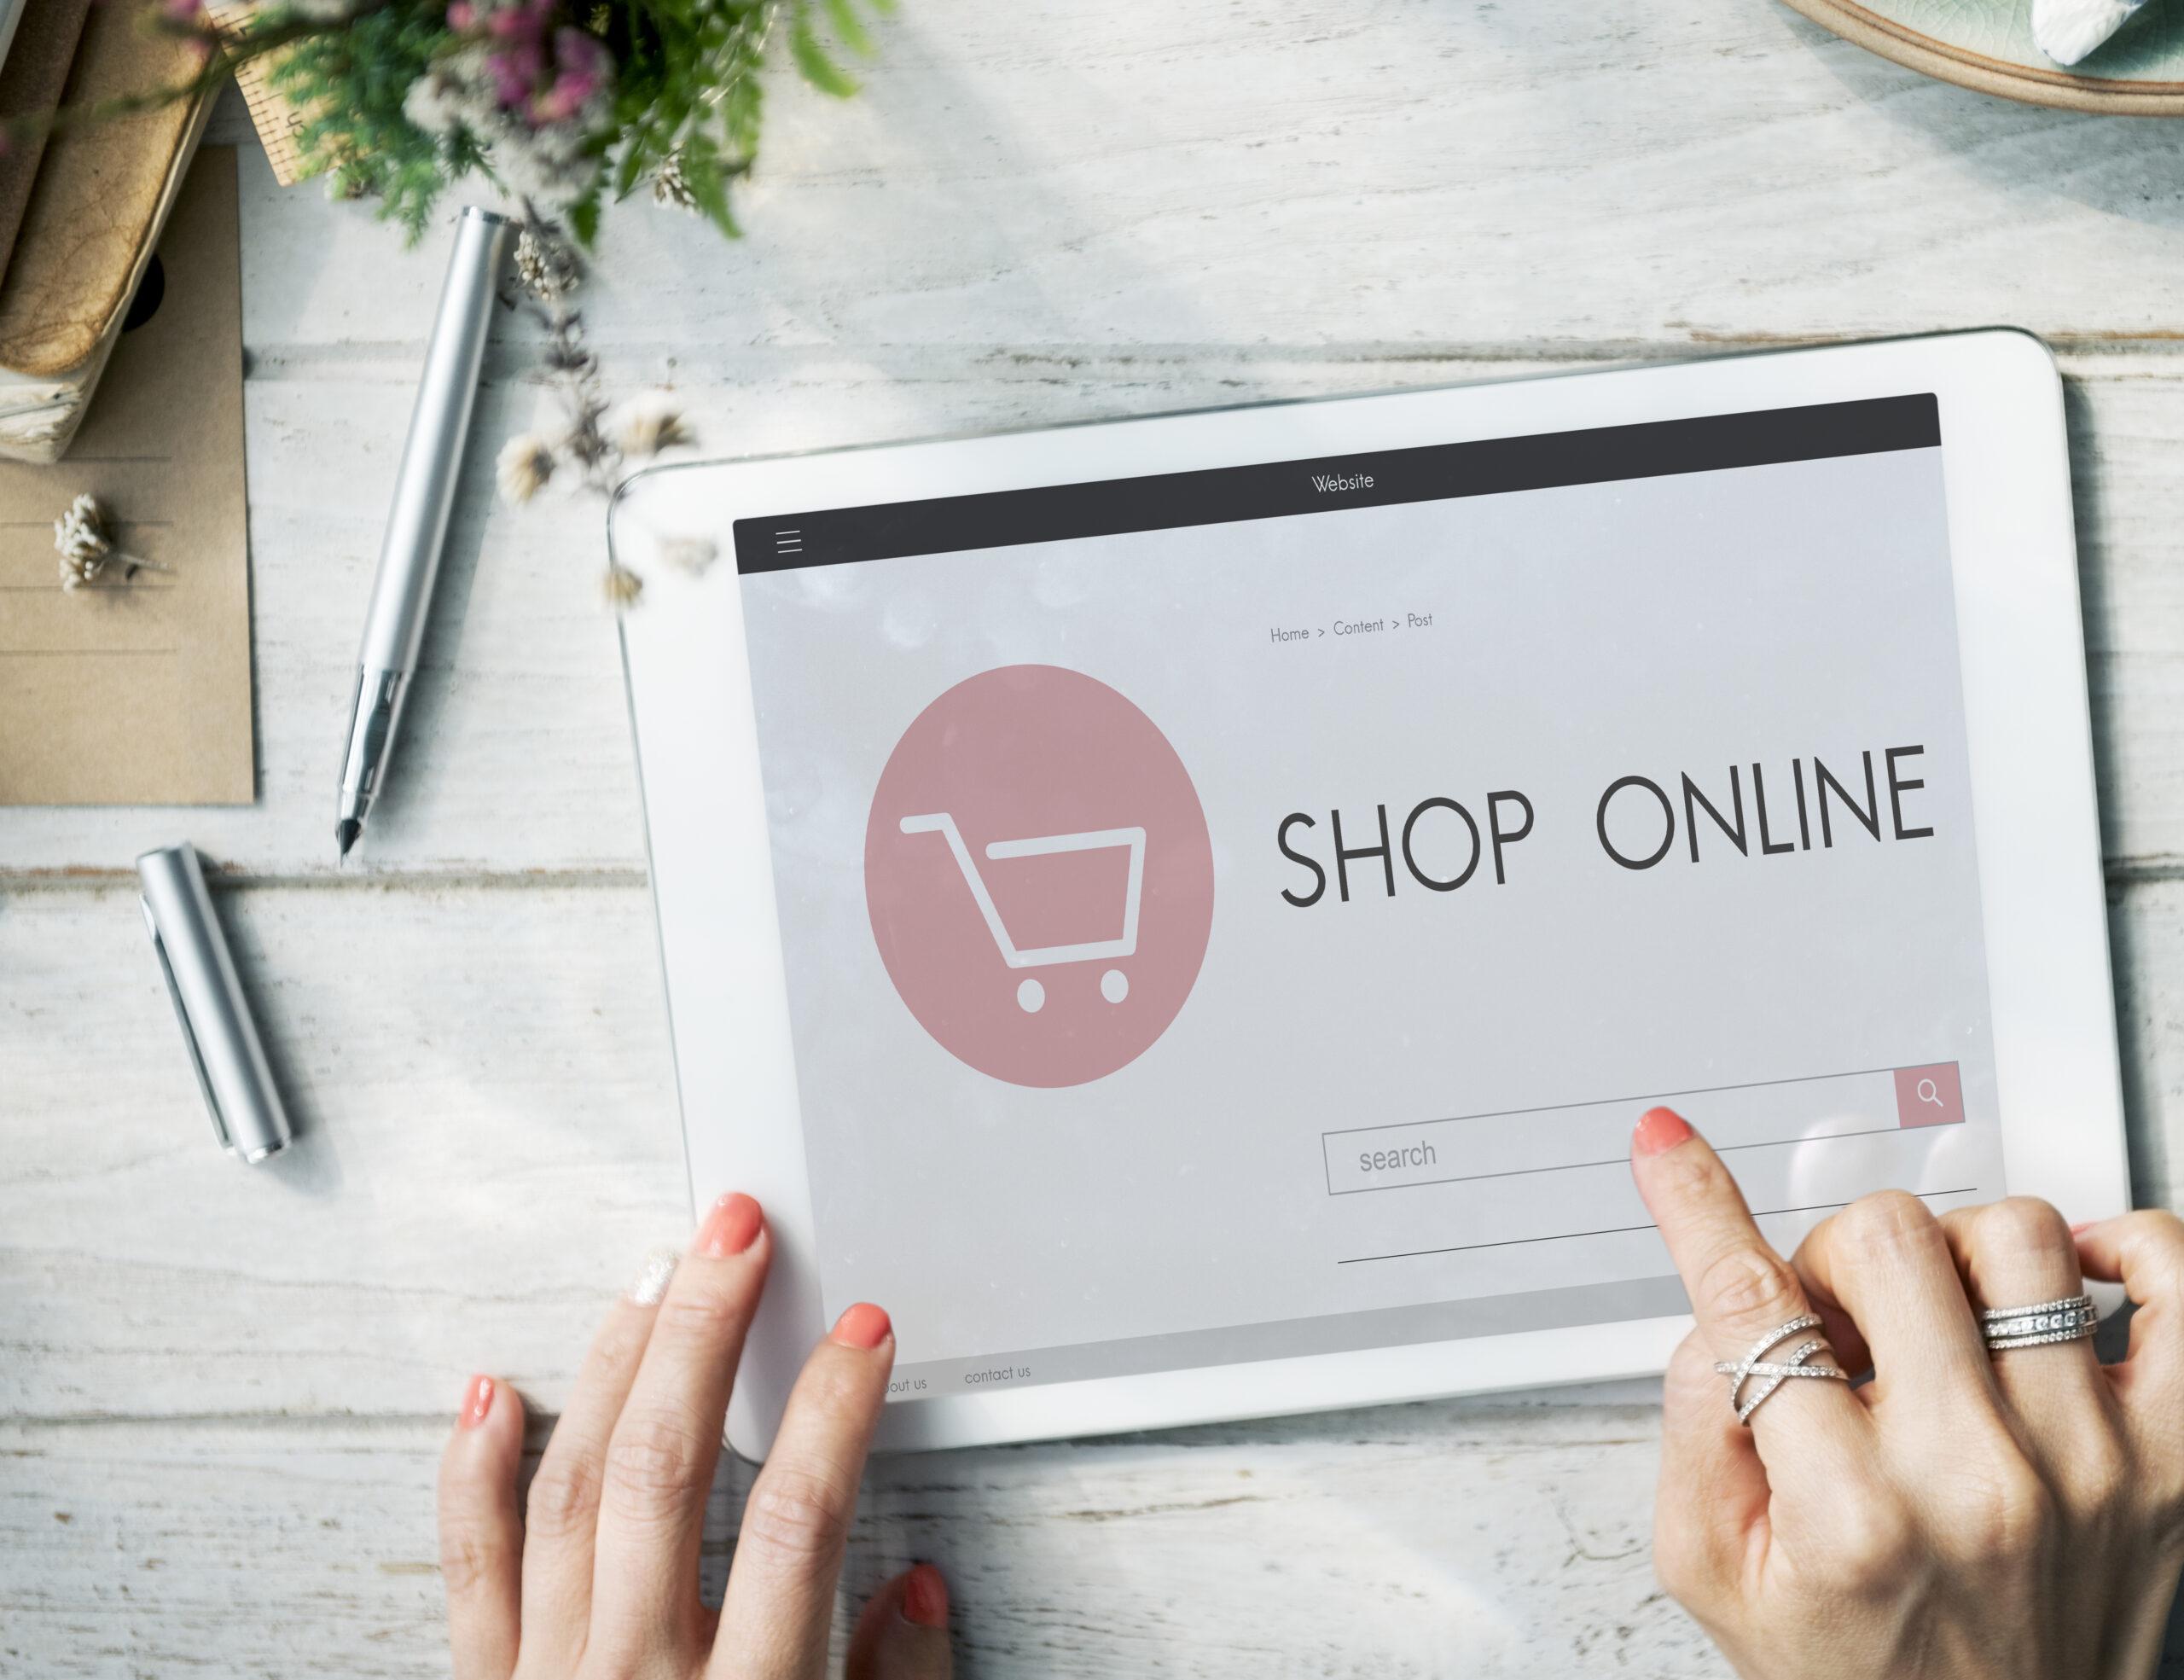 https://publiconline.com.br/wp-content/uploads/2021/10/e-commerce-shop-online-homepage-sale-concept-scaled.jpg